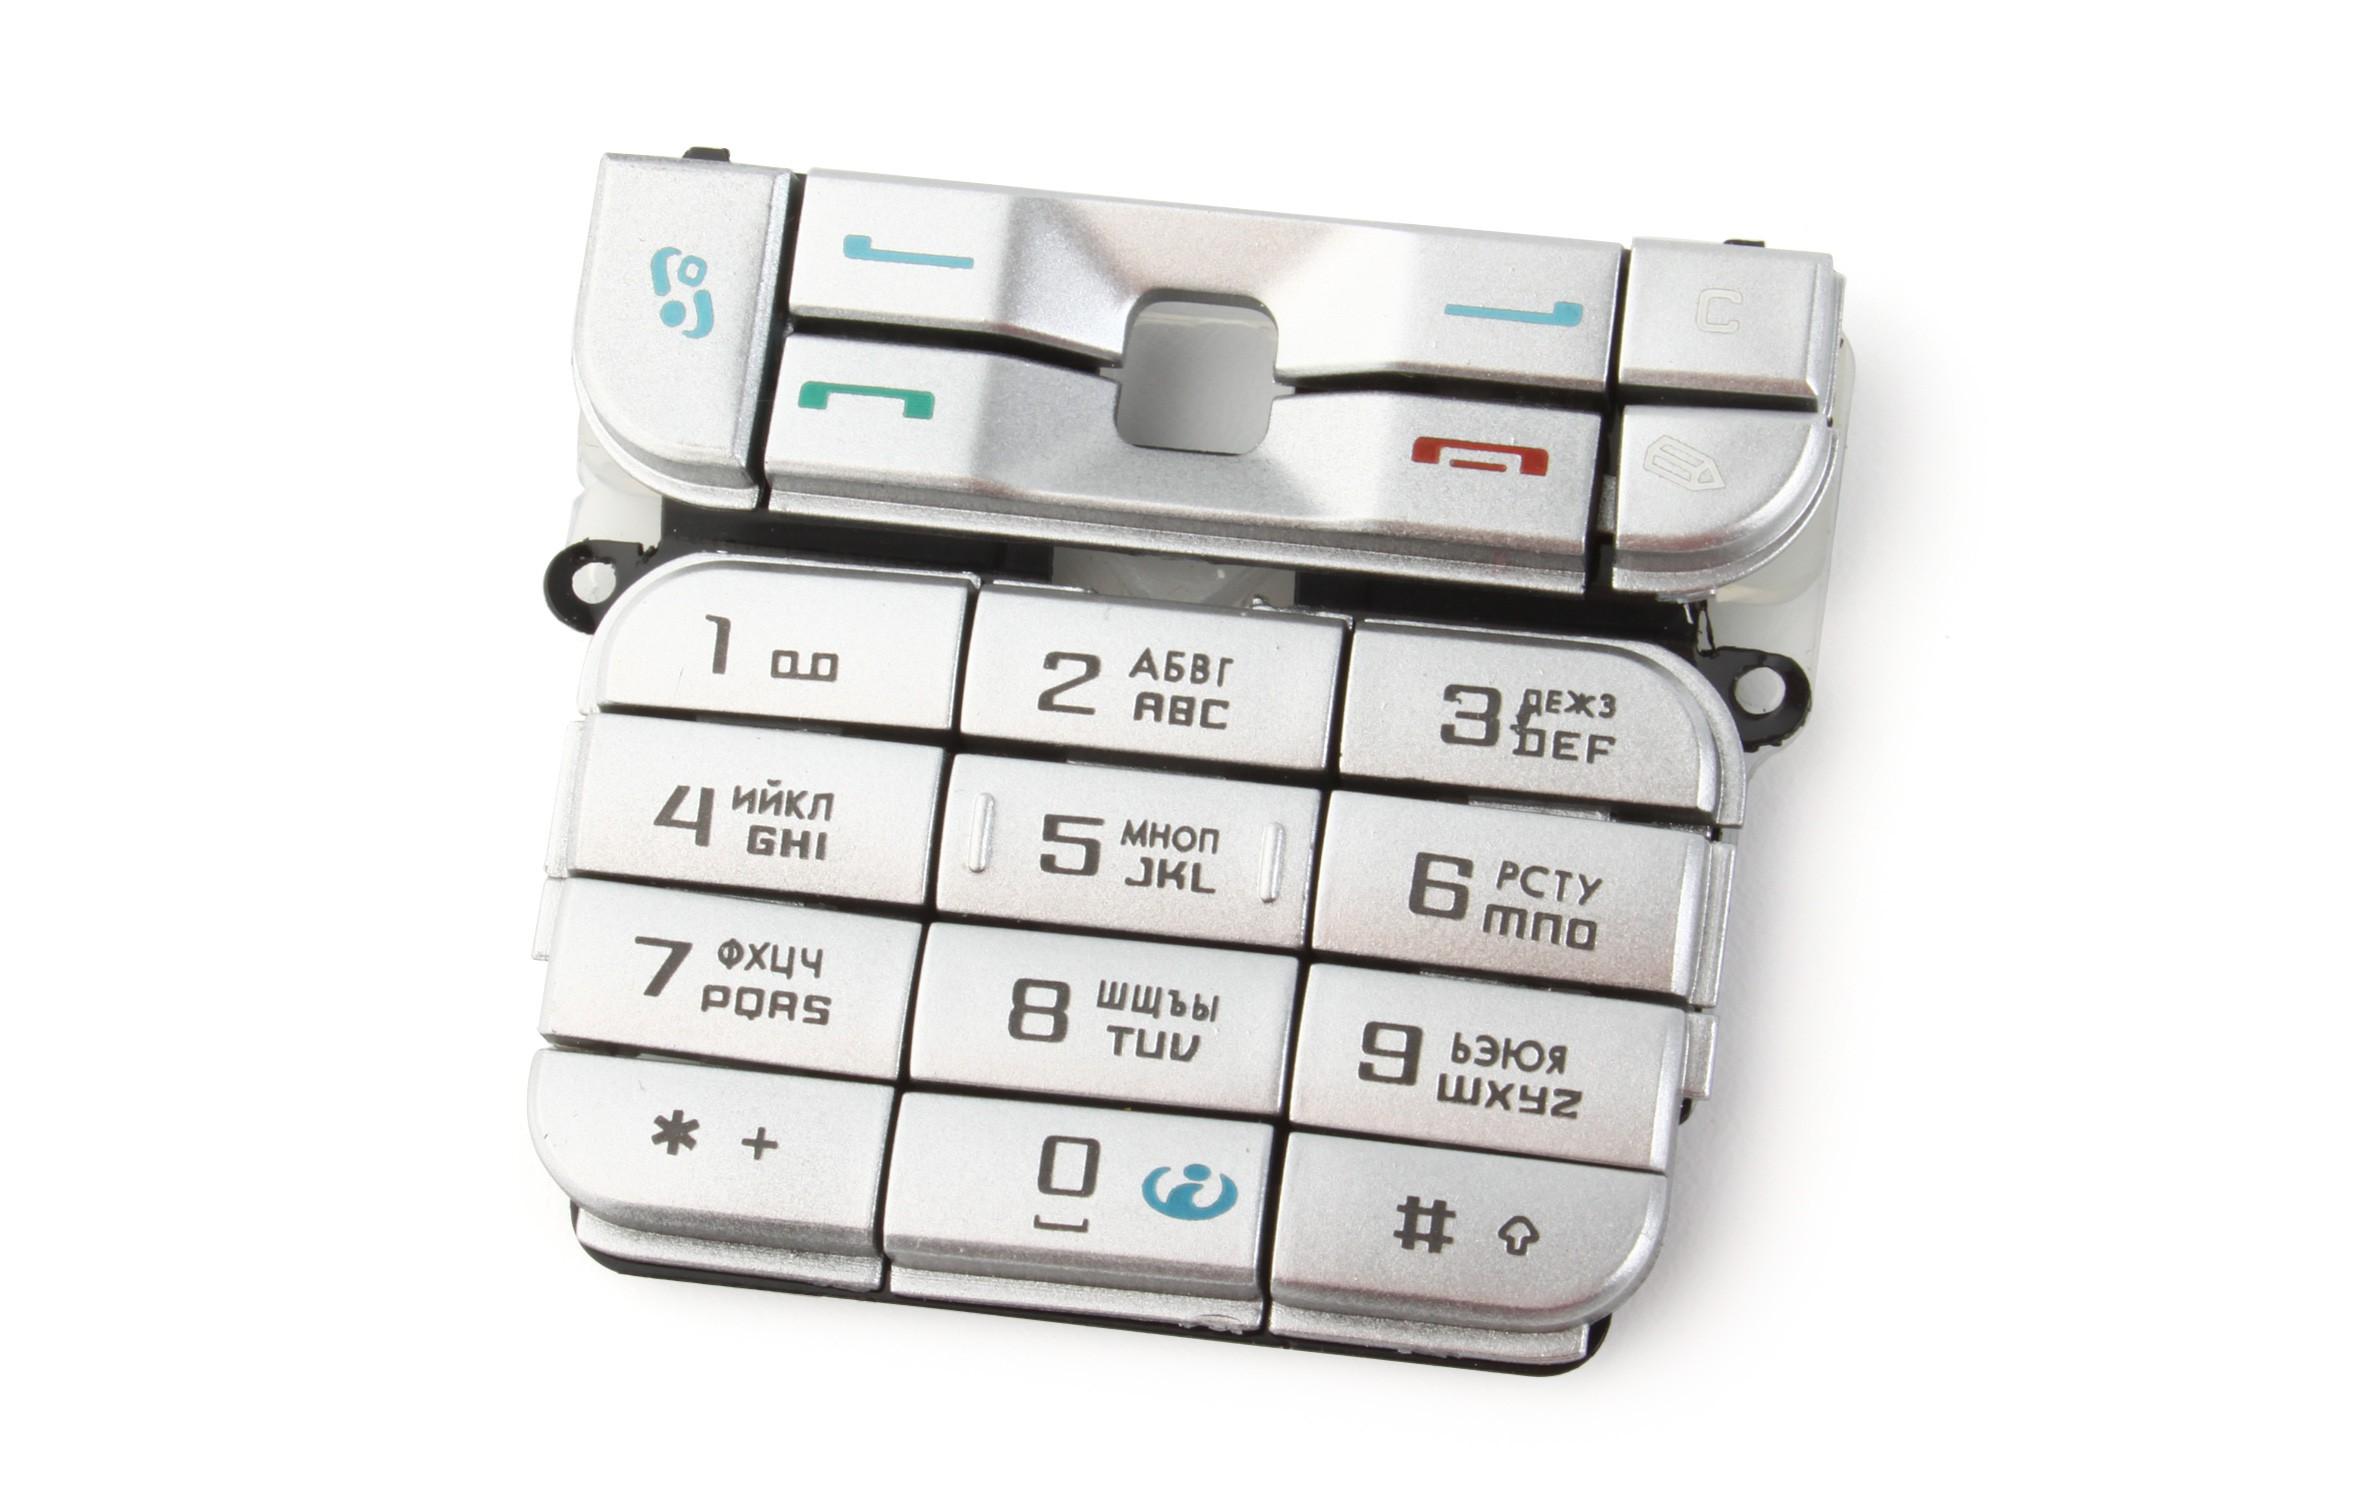 клавиатура на иврите для нокиа с7